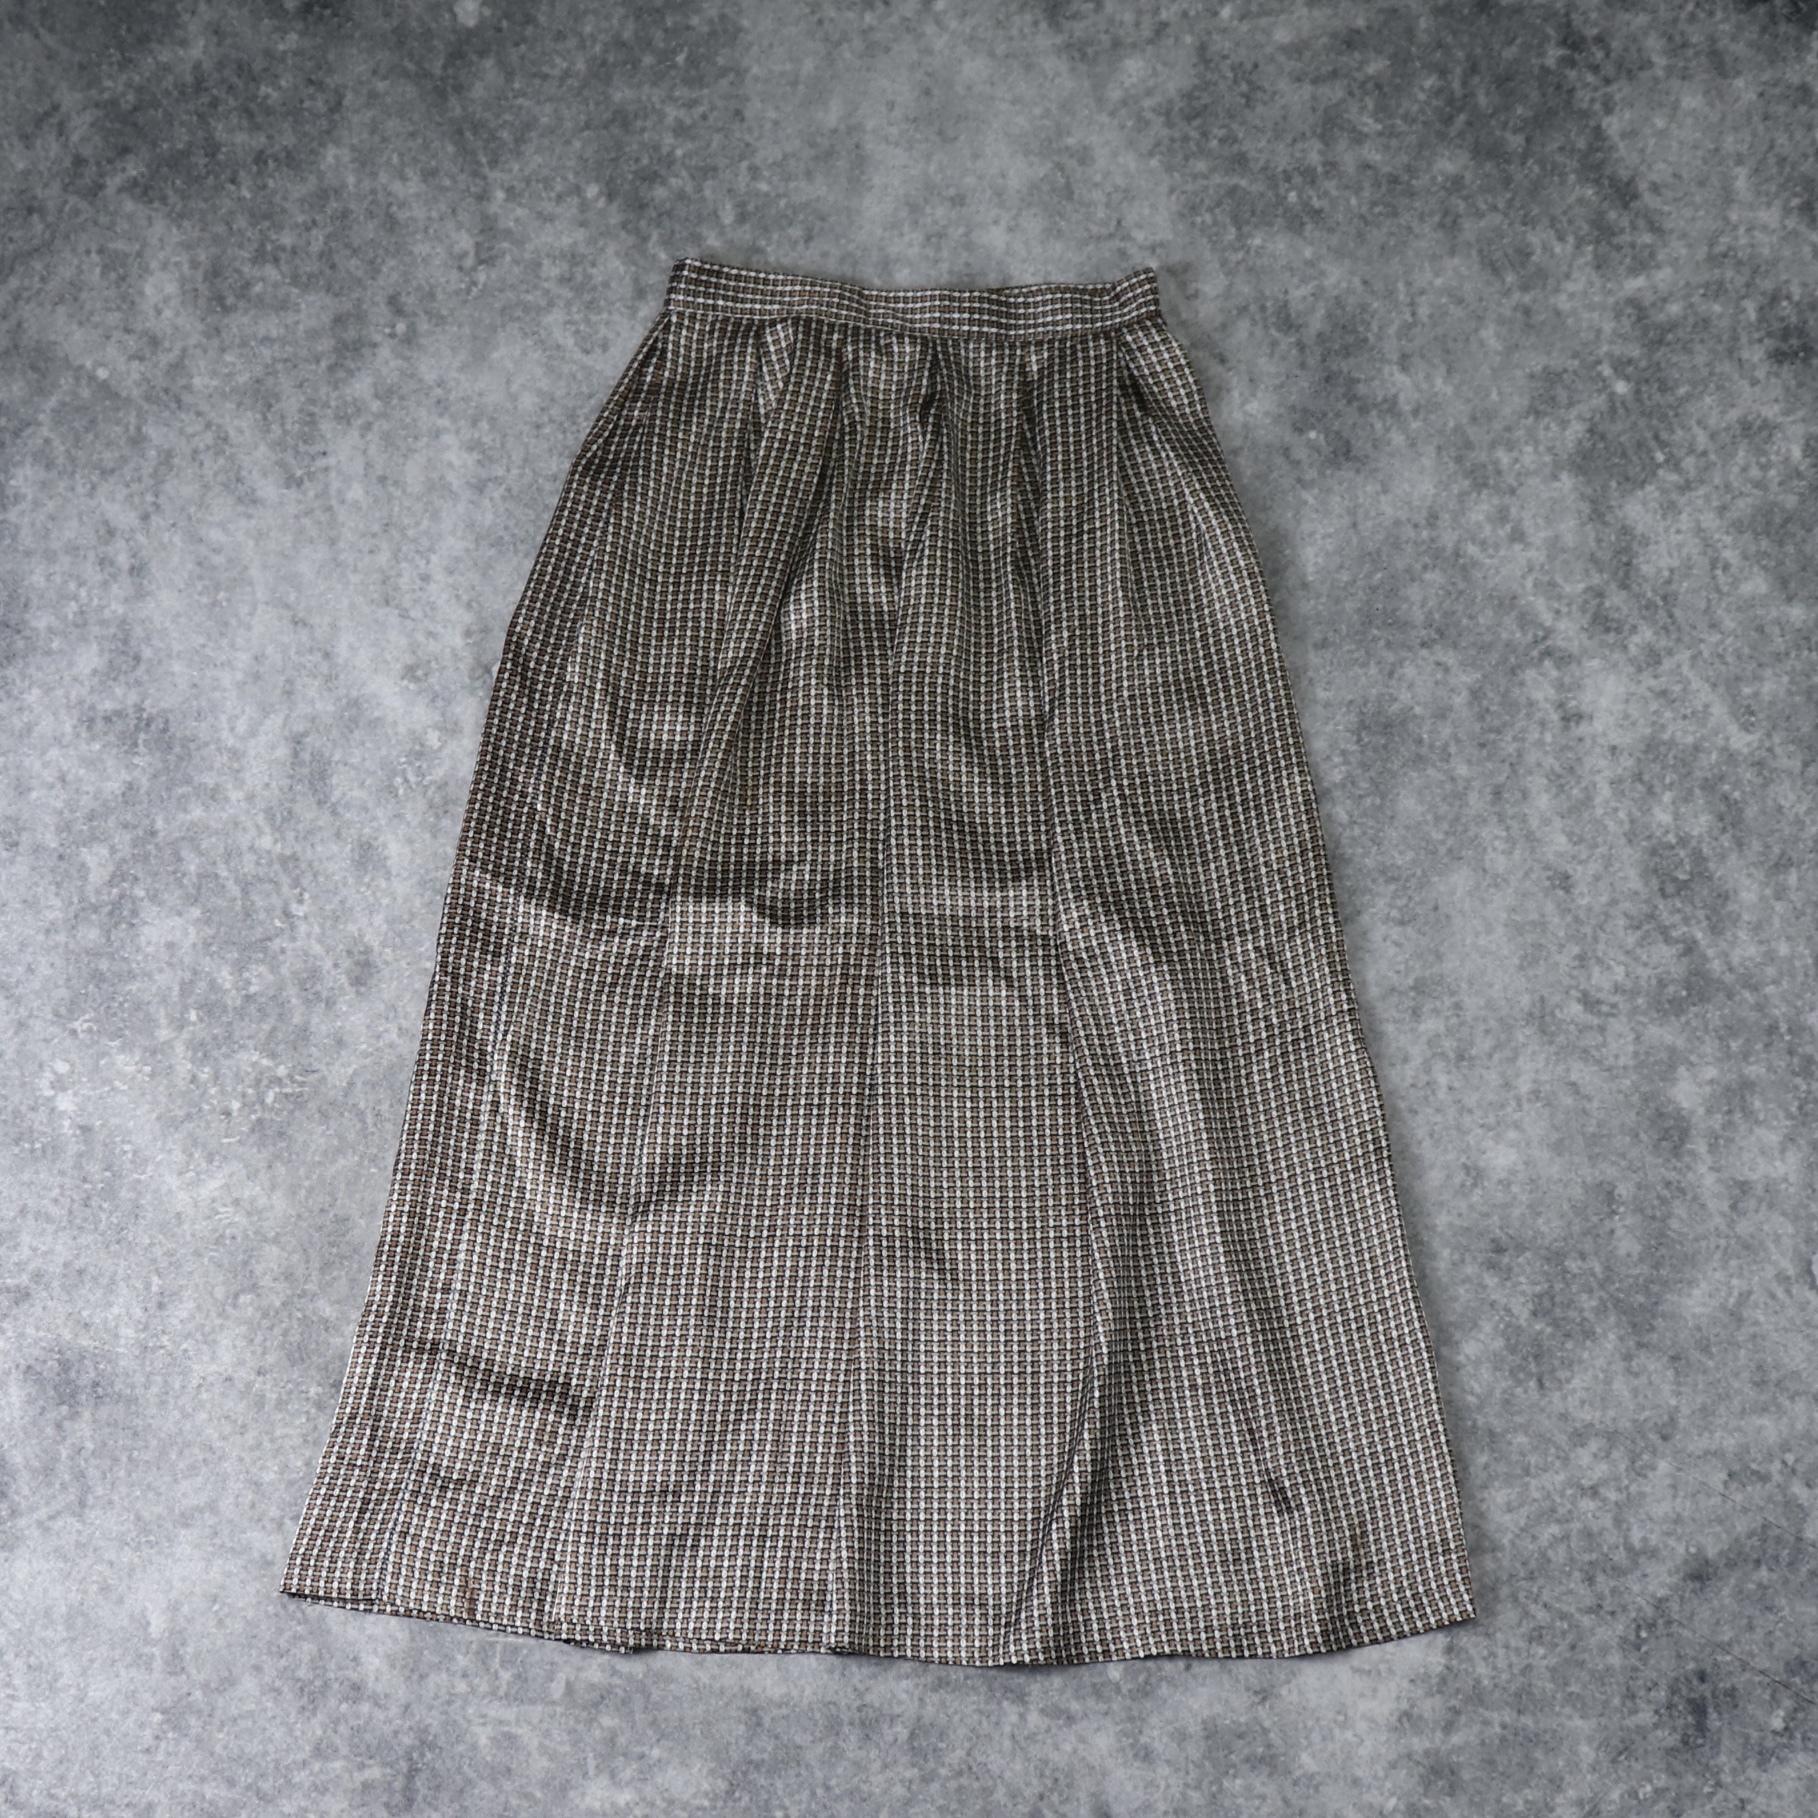 レディース 70〜80年代 USA製 幾何学模様 ロングスカート フレアスカート ヴィンテージ アメリカ古着 ポリエステル M